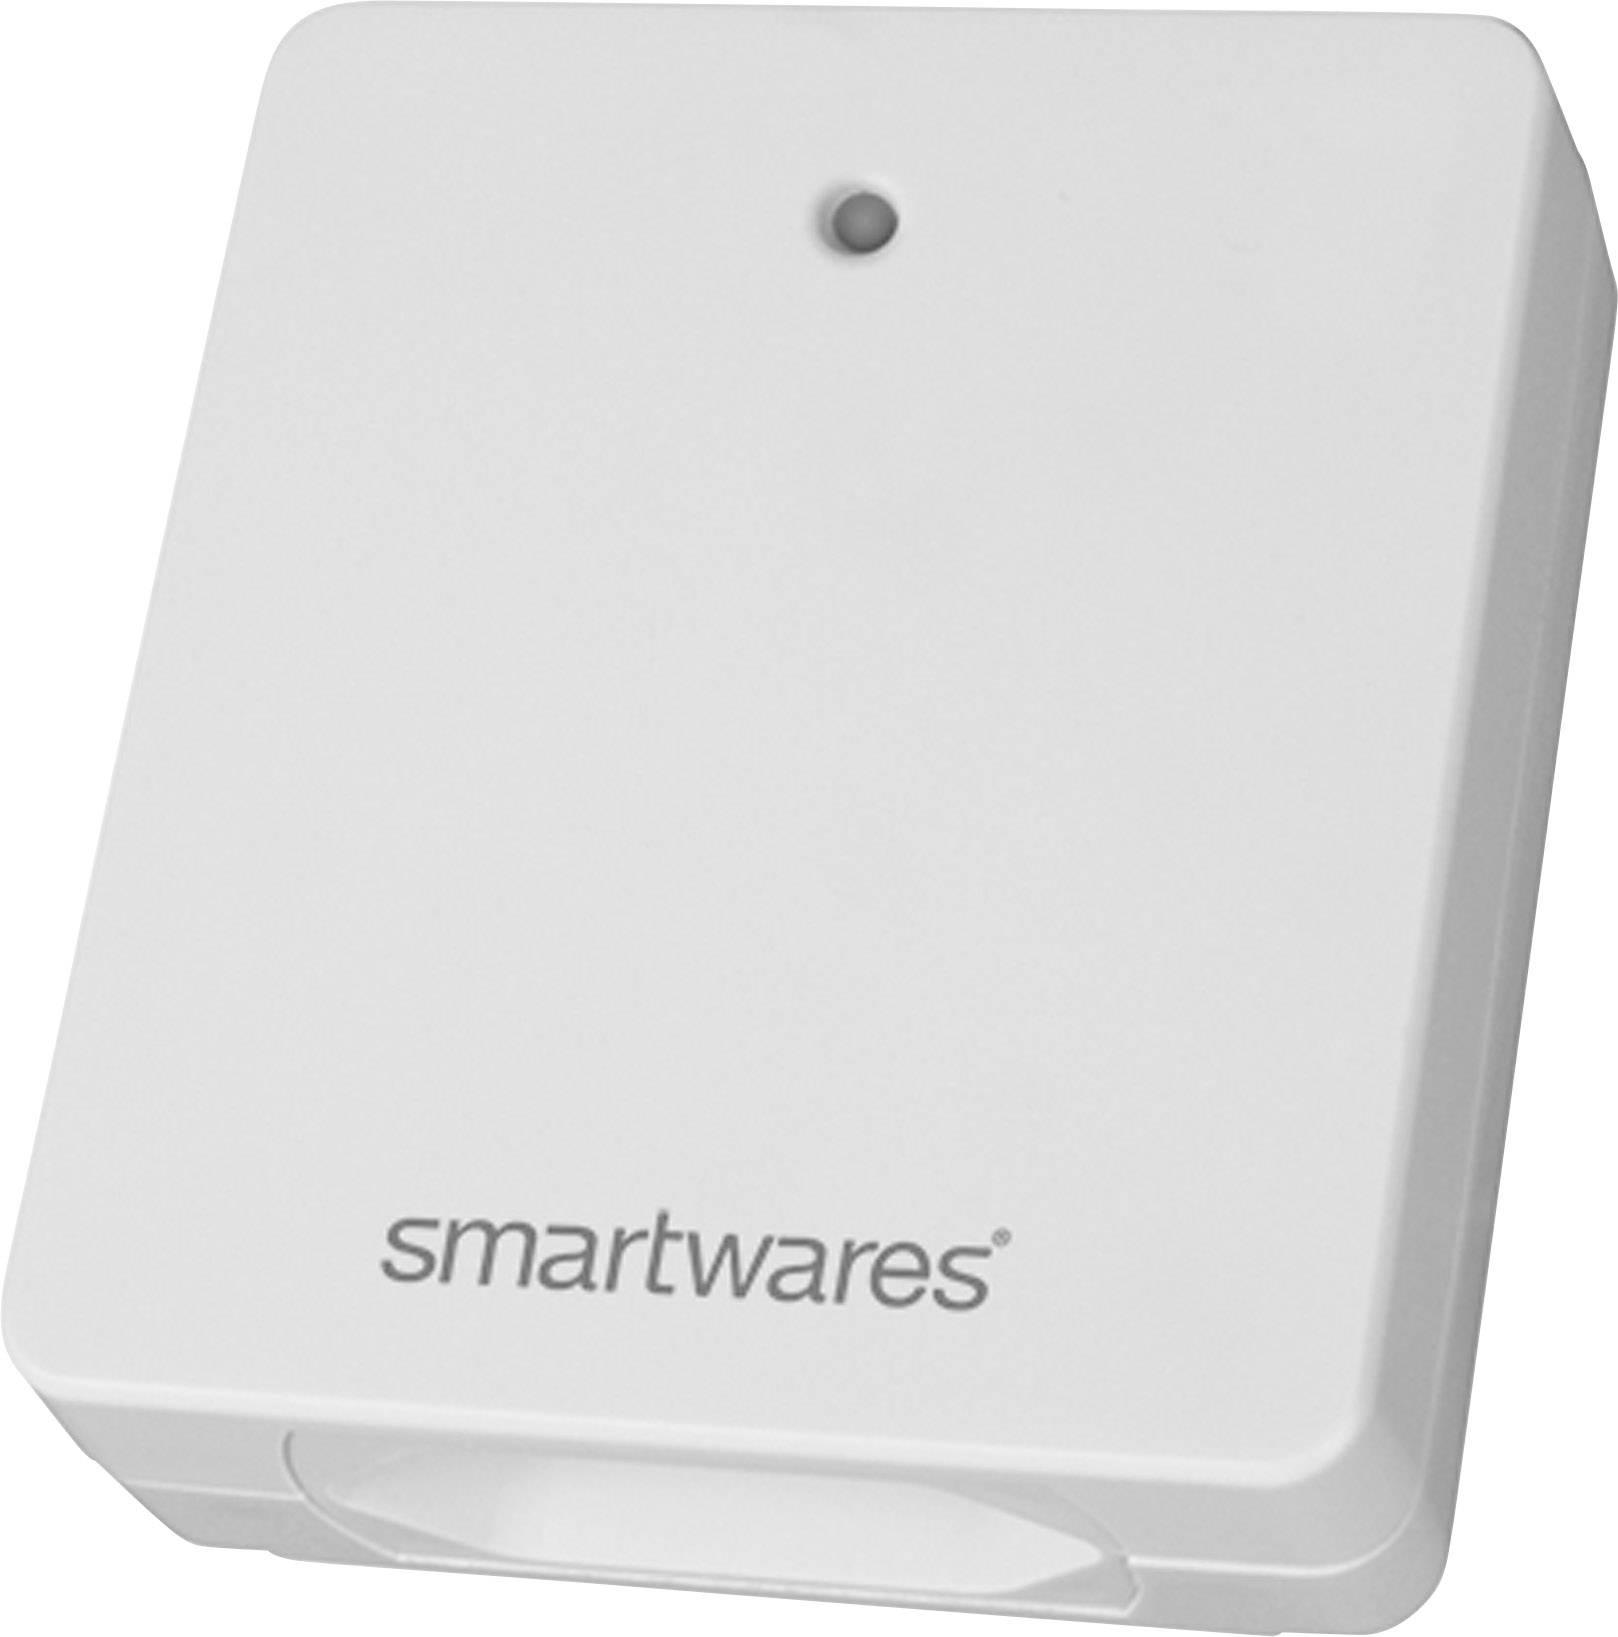 Bezdrôtová spínacia zásuvka Smartwares SH5-RPS-04A, Max. dosah 50 m